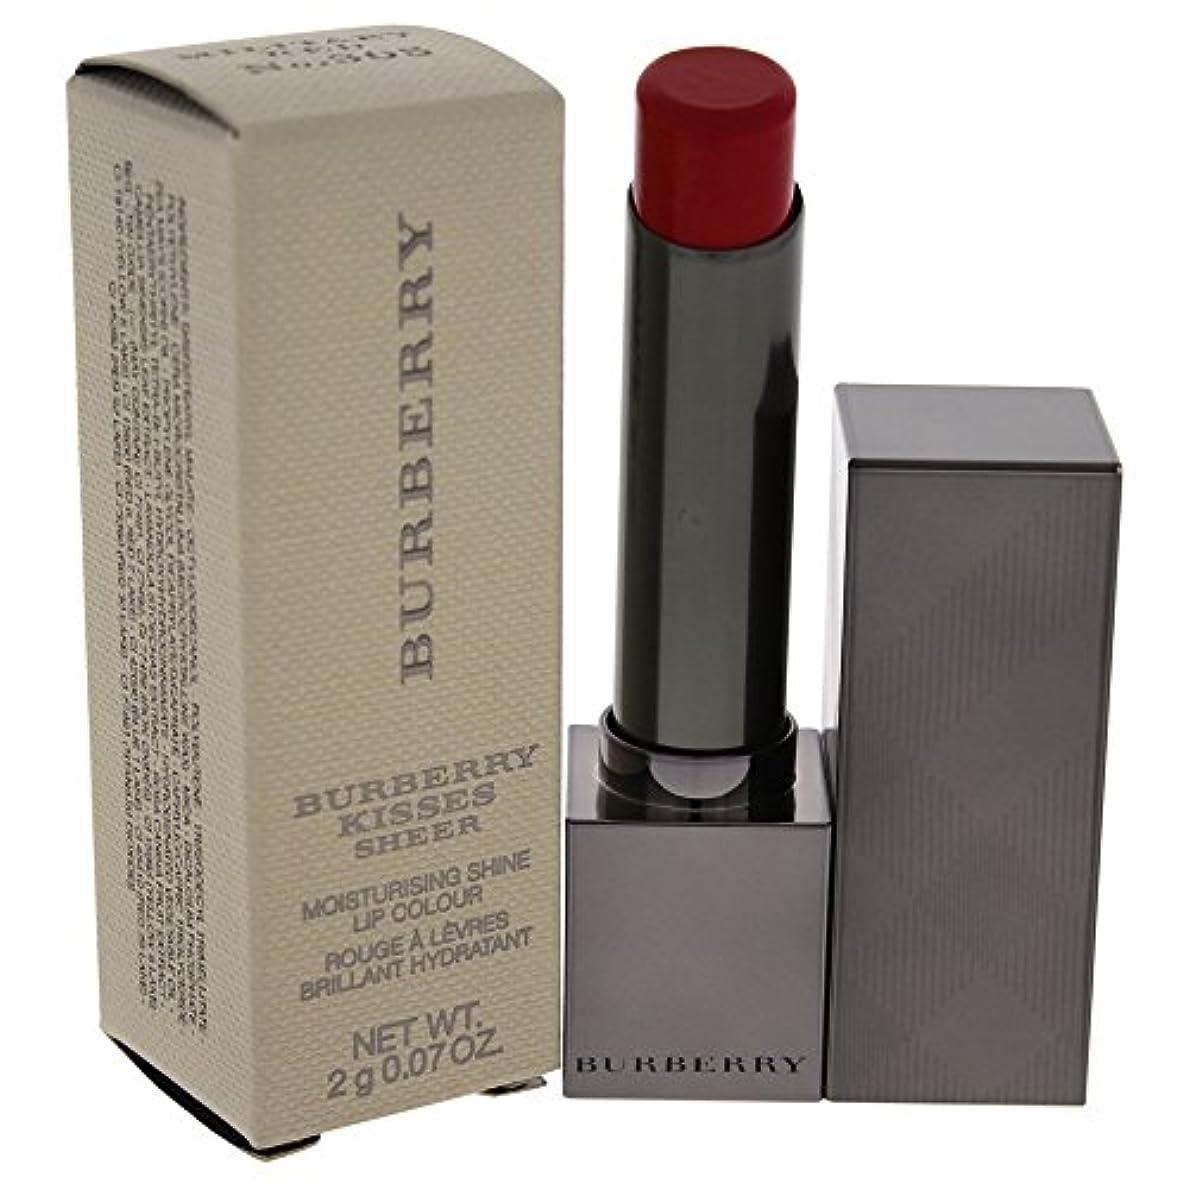 領域飾る添加剤バーバリー Burberry Kisses Sheer Moisturising Shine Lip Colour - # No. 305 Military Red 2g/0.07oz